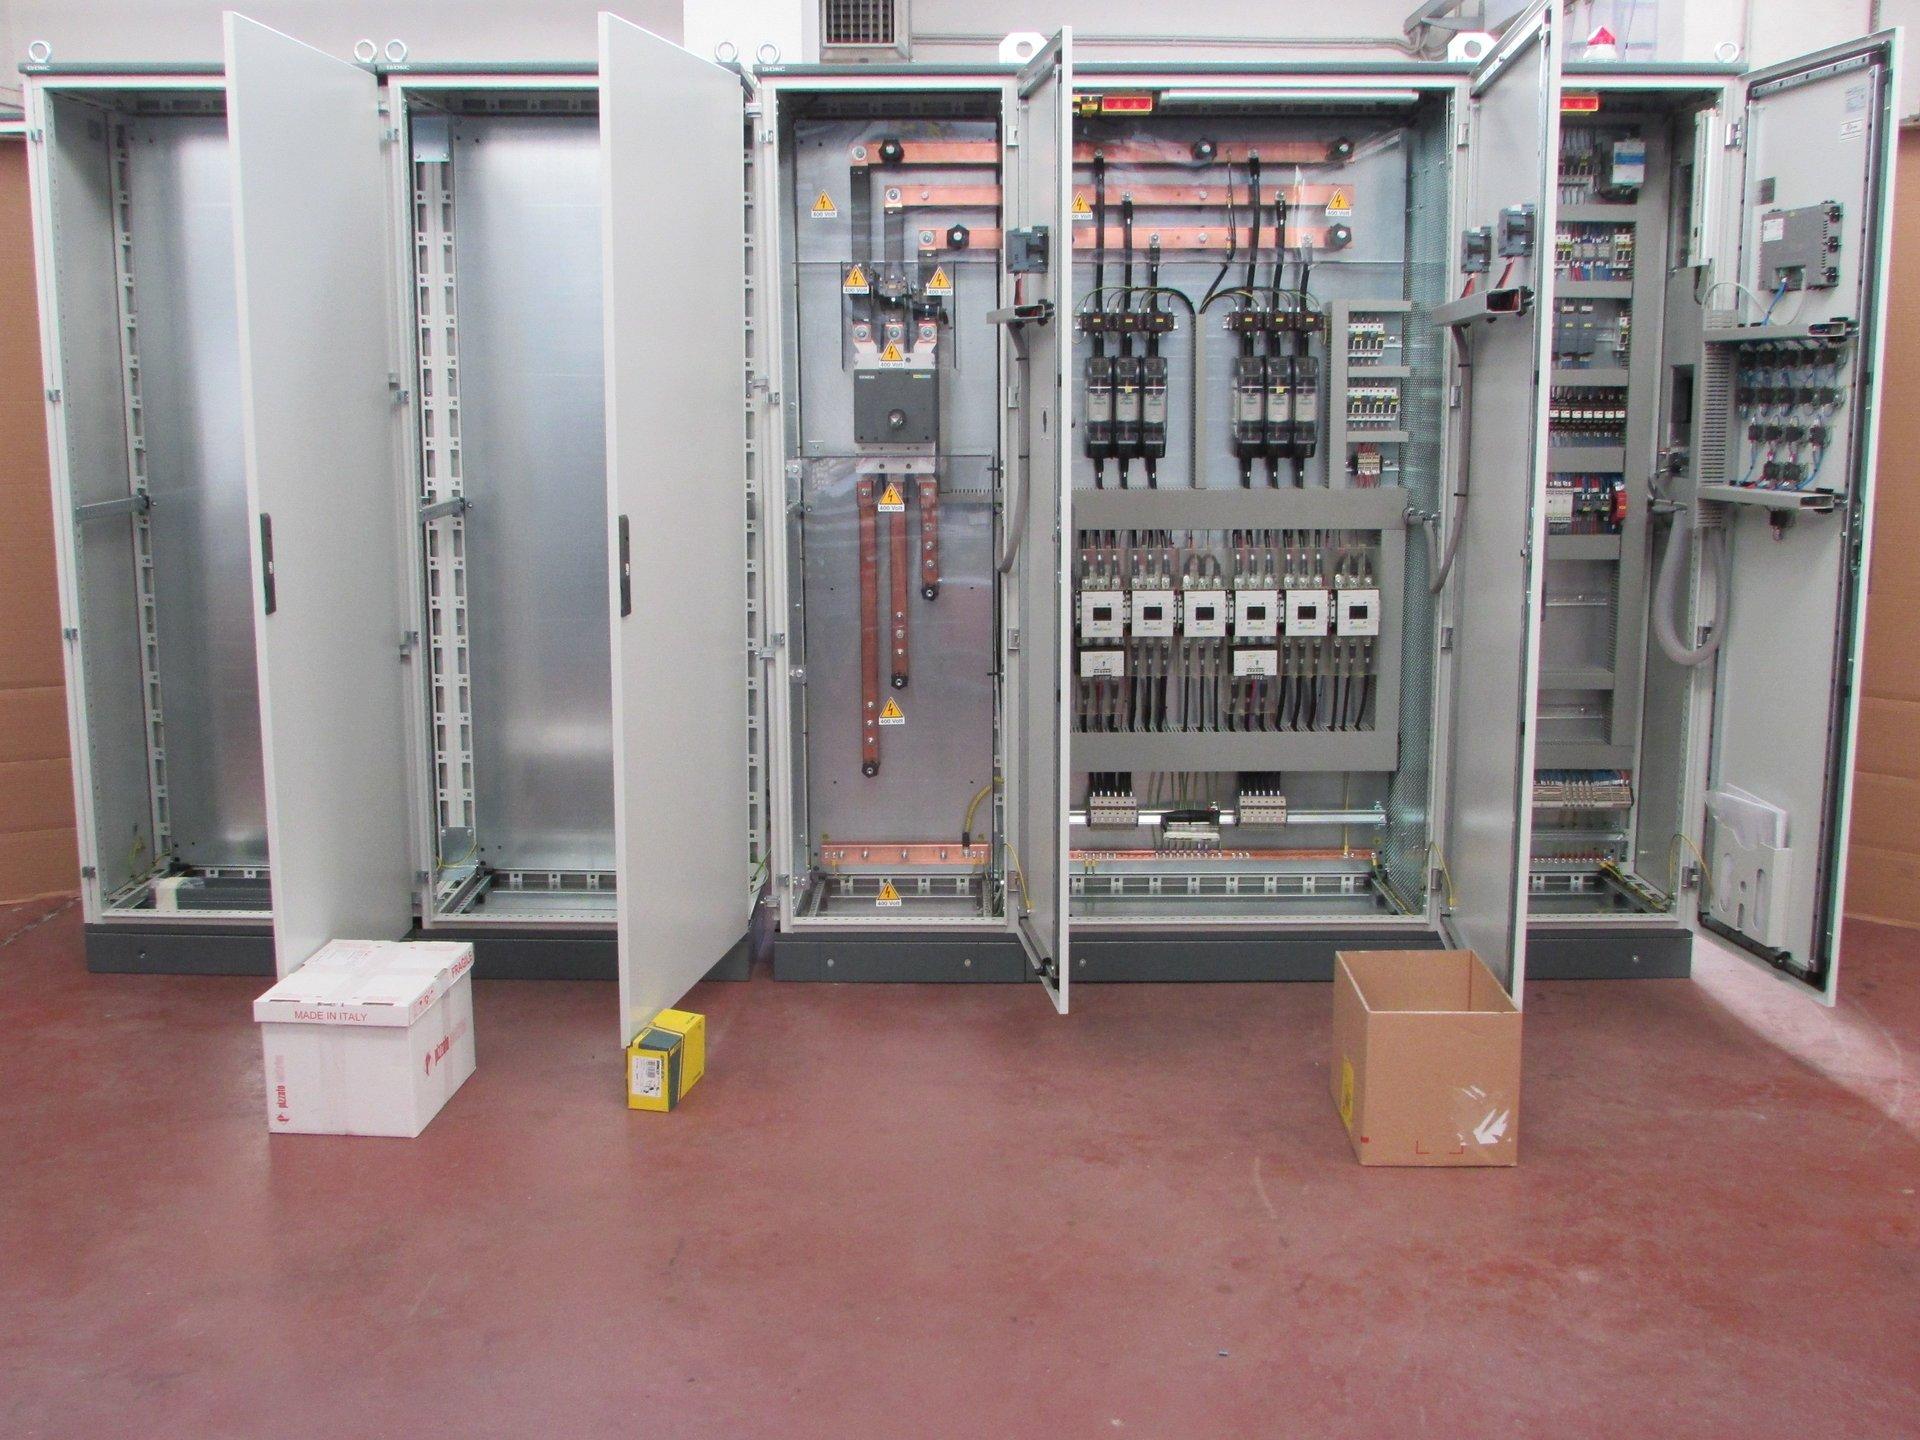 quadri elettrici industriali